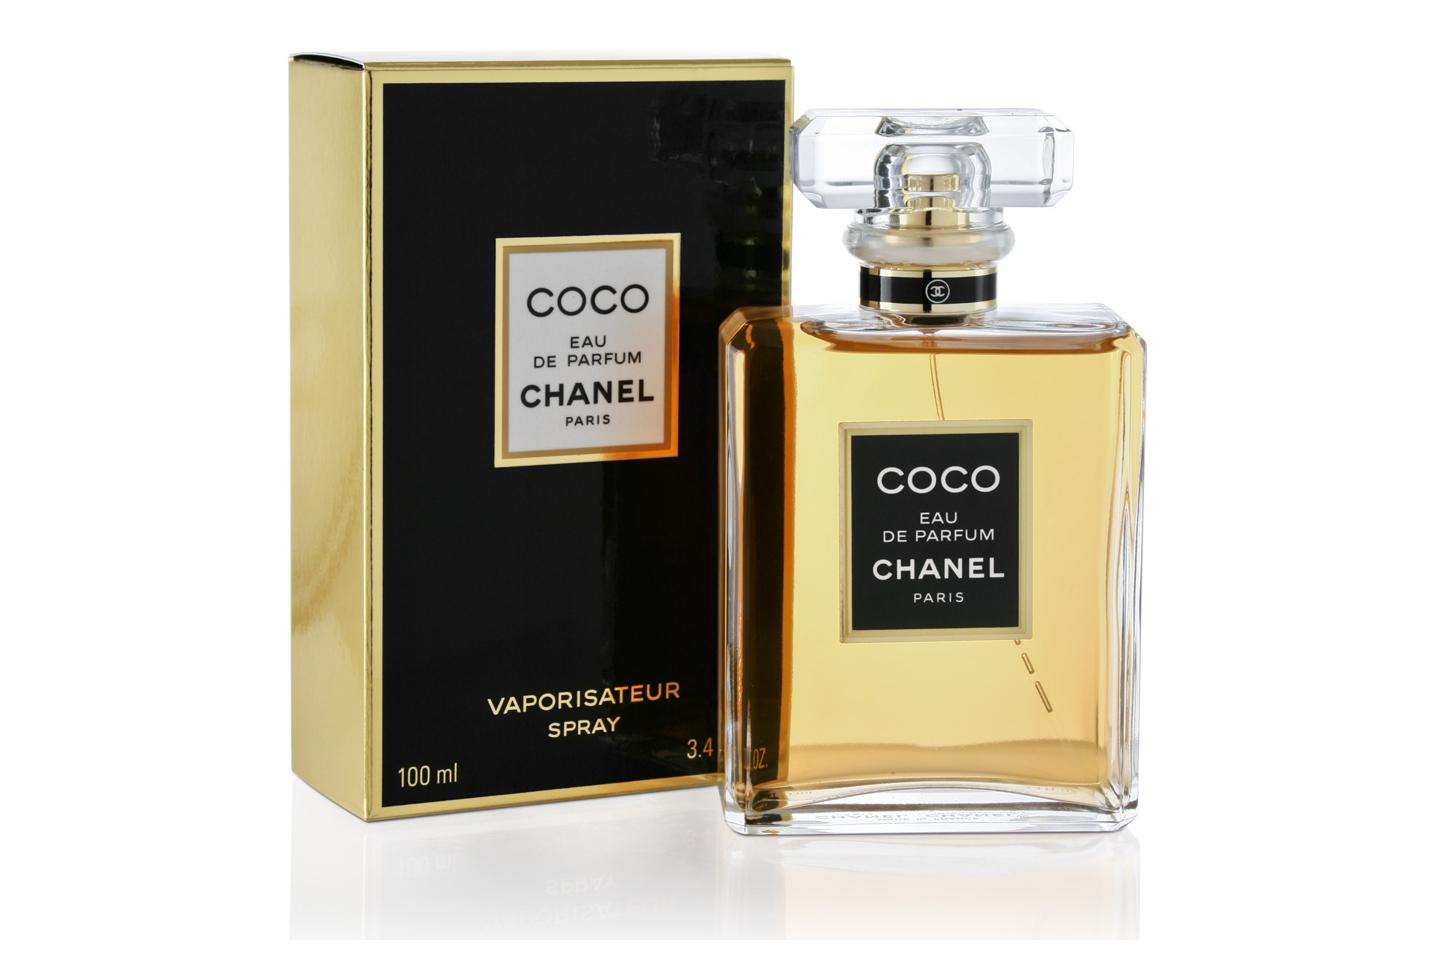 Coco CHANEL-удивляет свежестью и легкостью, отлично подходит для вечерних прогулок по парку теплым летним днем. Но холодной зимой и пасмурной осенью аромат проявляется ничуть не хуже. Таинственная и провокационная, Coco напоминает саму, божественную и недостижимую, Классика, проверенная временем.